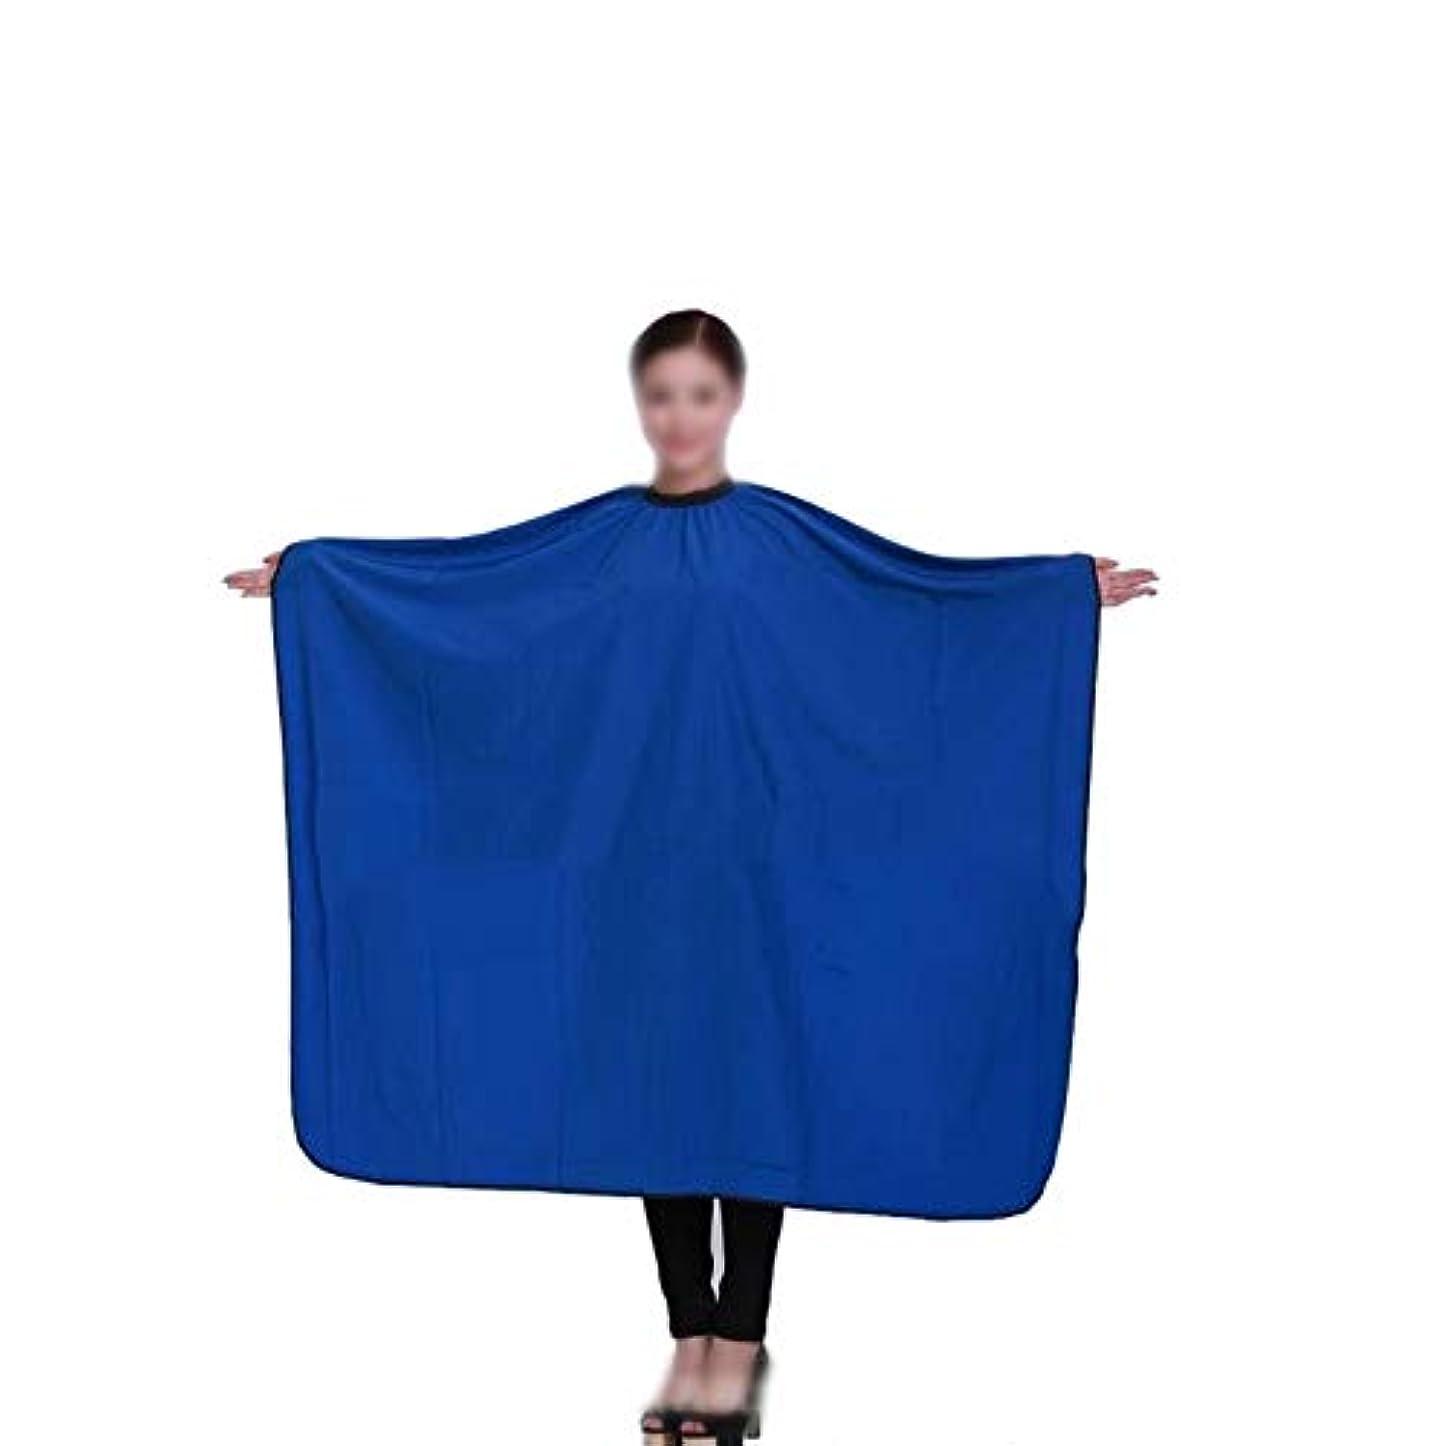 印刷するどっちマオリヘアカットサロンエプロンヘアカット防水布ブルースタイリングケープサロンガウンクロス ヘアケア